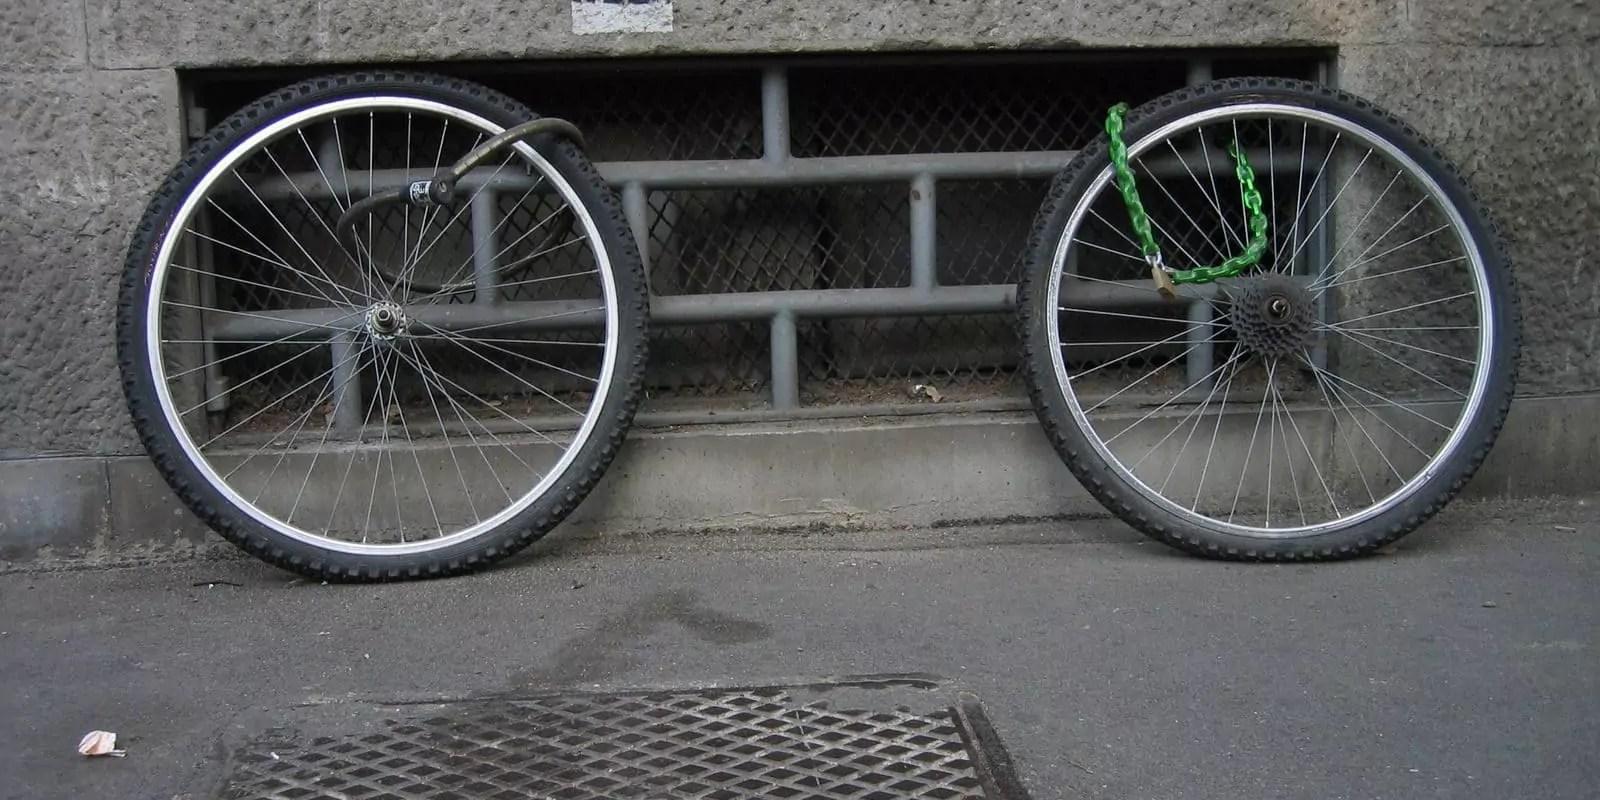 Vous vous êtes fait voler votre vélo? Strasbourg voudrait savoir comment